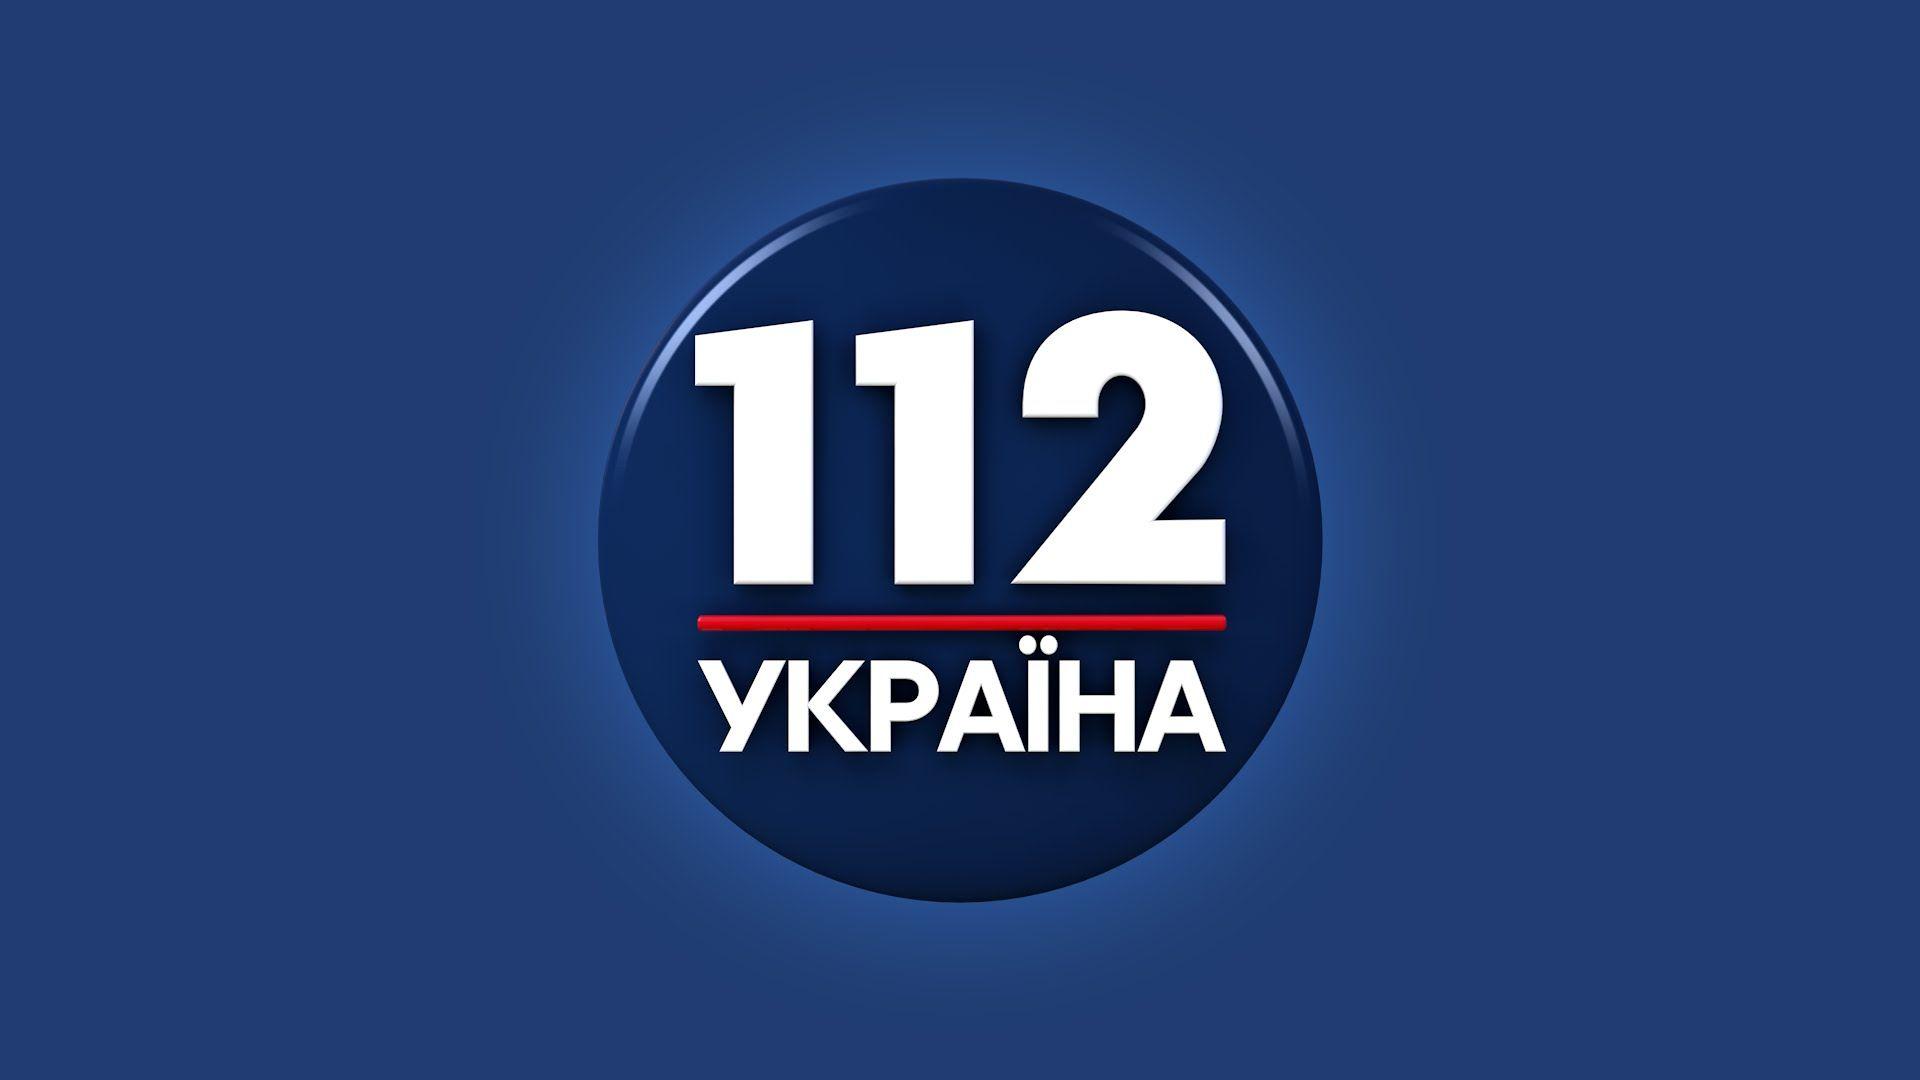 Трансляция прямого эфира телевизионного канала quot112